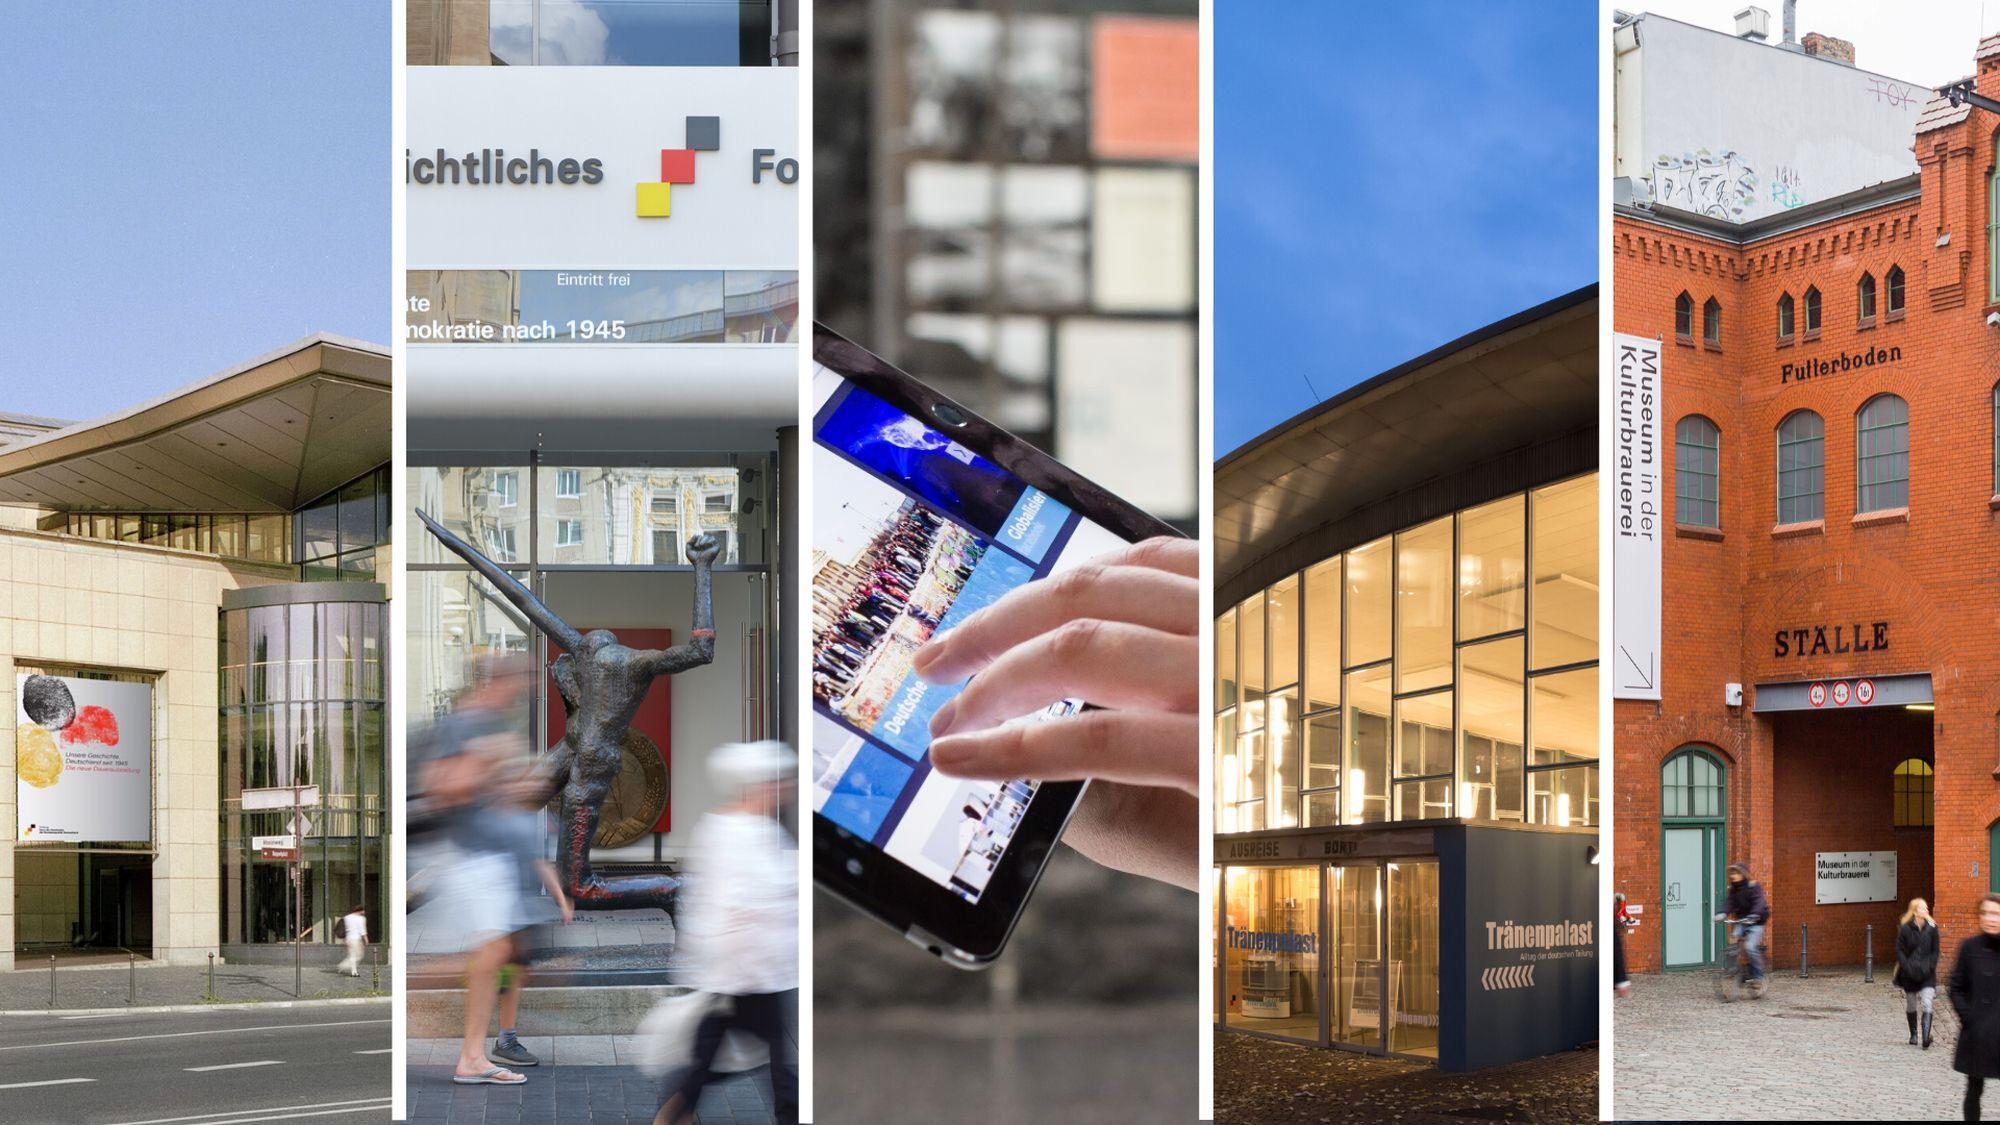 Die vier Museumsgebäude der Stiftung und ein Tablet mit dem Online-Angebot.